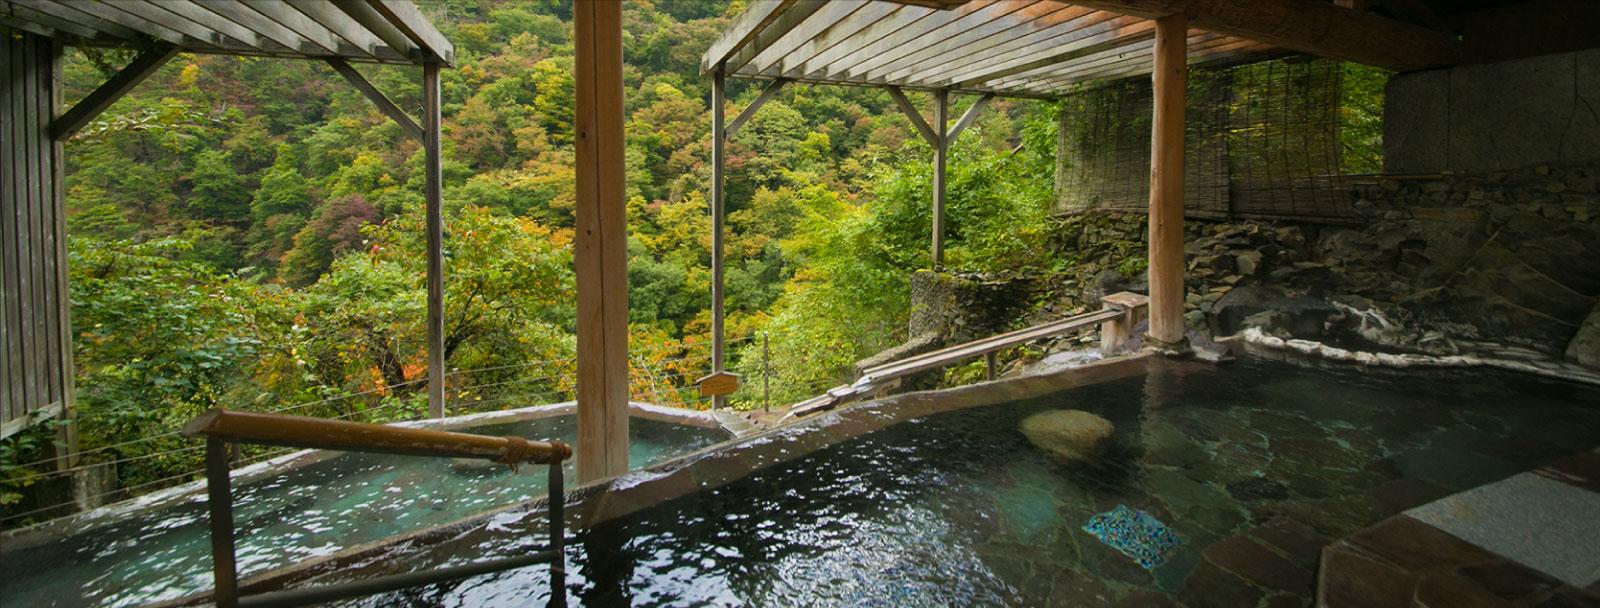 渓谷に向かって 段々になっている湯船から 絶景を堪能